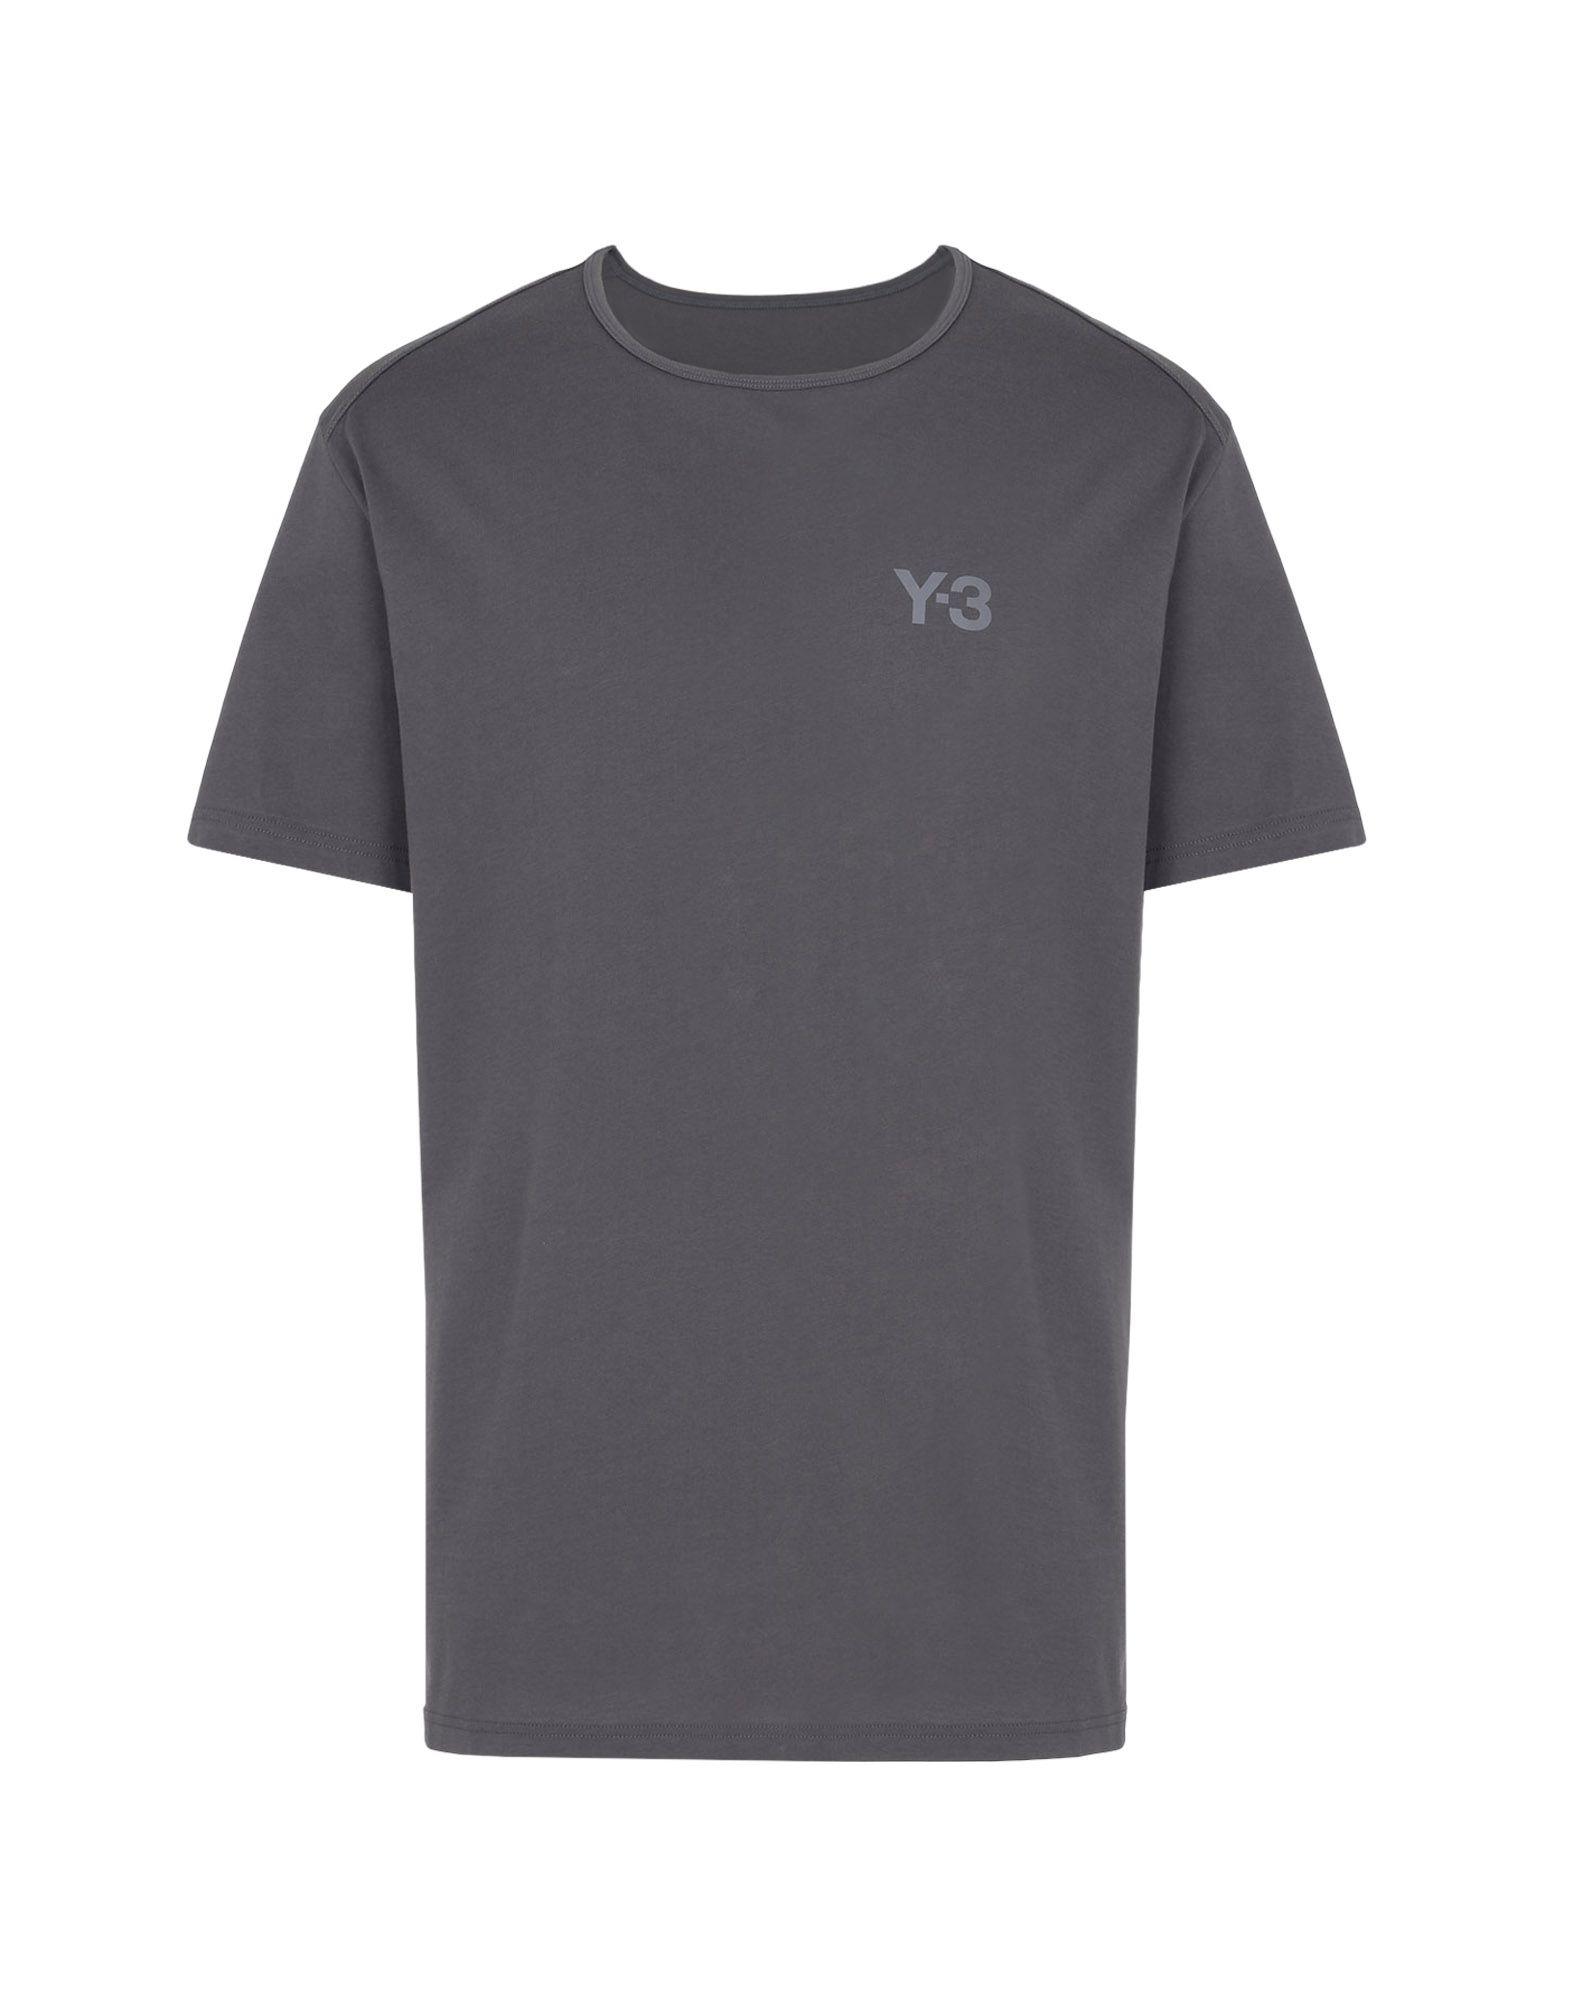 3ca4caaf1a21 ... Y-3 Y-3 LOGO SS TEE Short sleeve t-shirt Man f ...